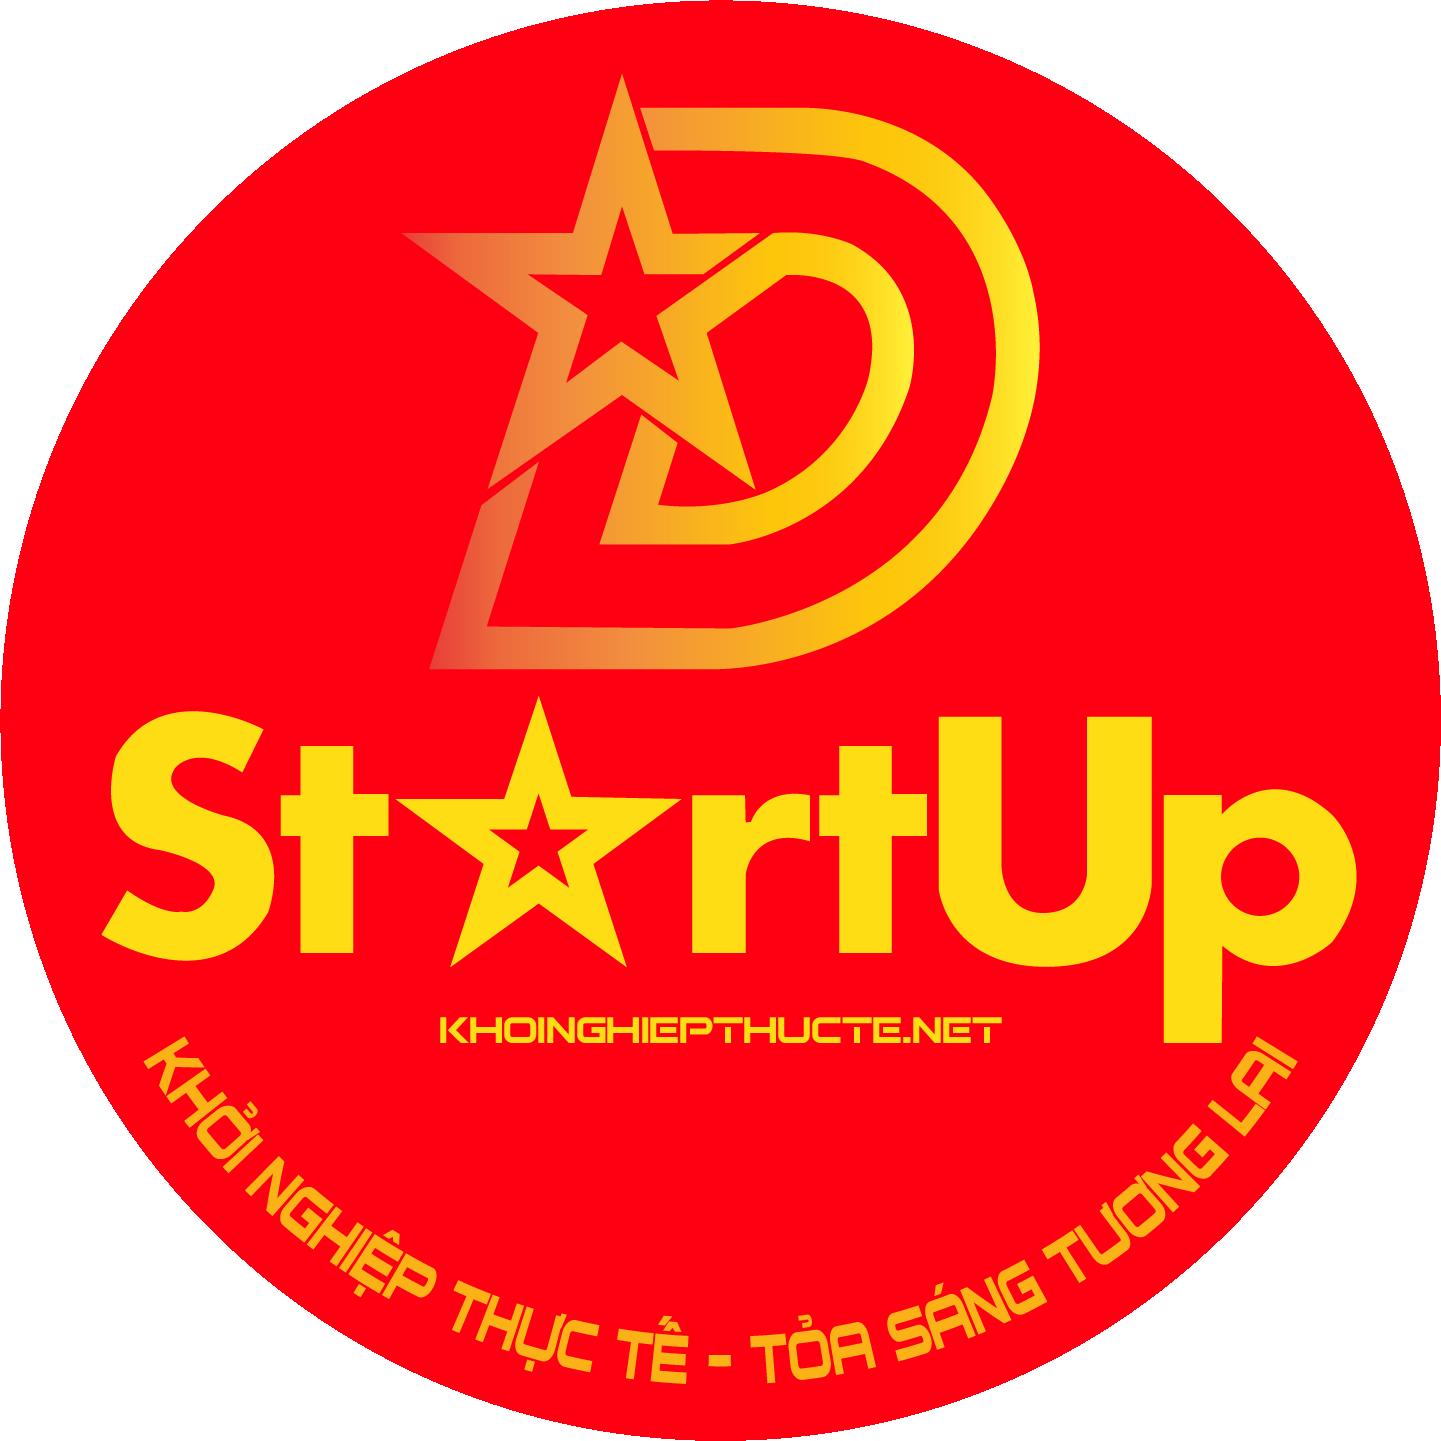 Dự Án Best Affiliate 4.0 Trang bị đầy đủ kỹ năng - kiến thức - công nghệ để khởi nghiệp, lập nghiệp.